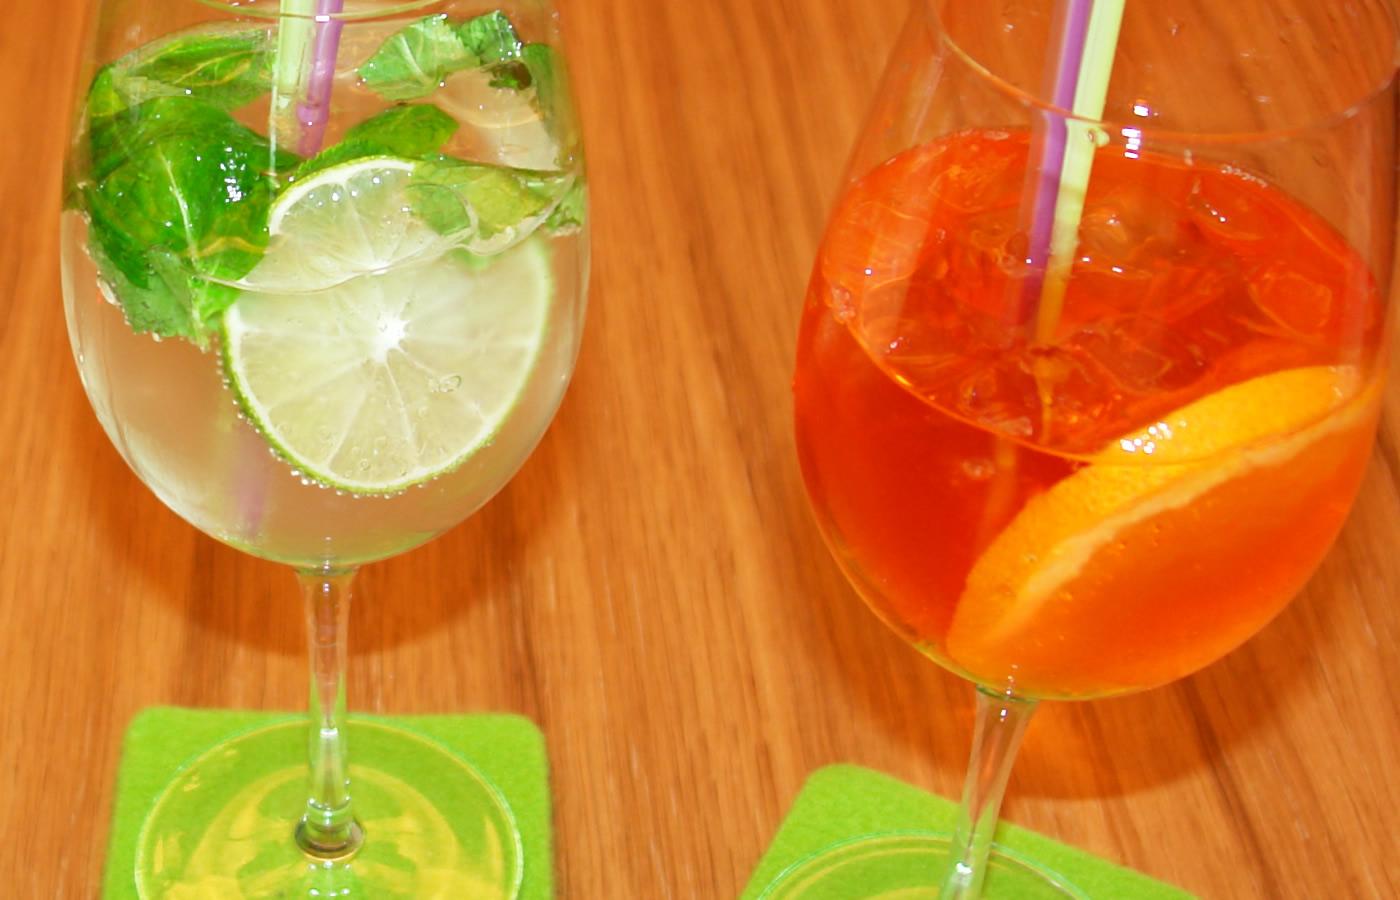 Trendige Drinks in der Natürlich. Hotelbar. Entspannen in Serfaus-Fiss-Ladis.